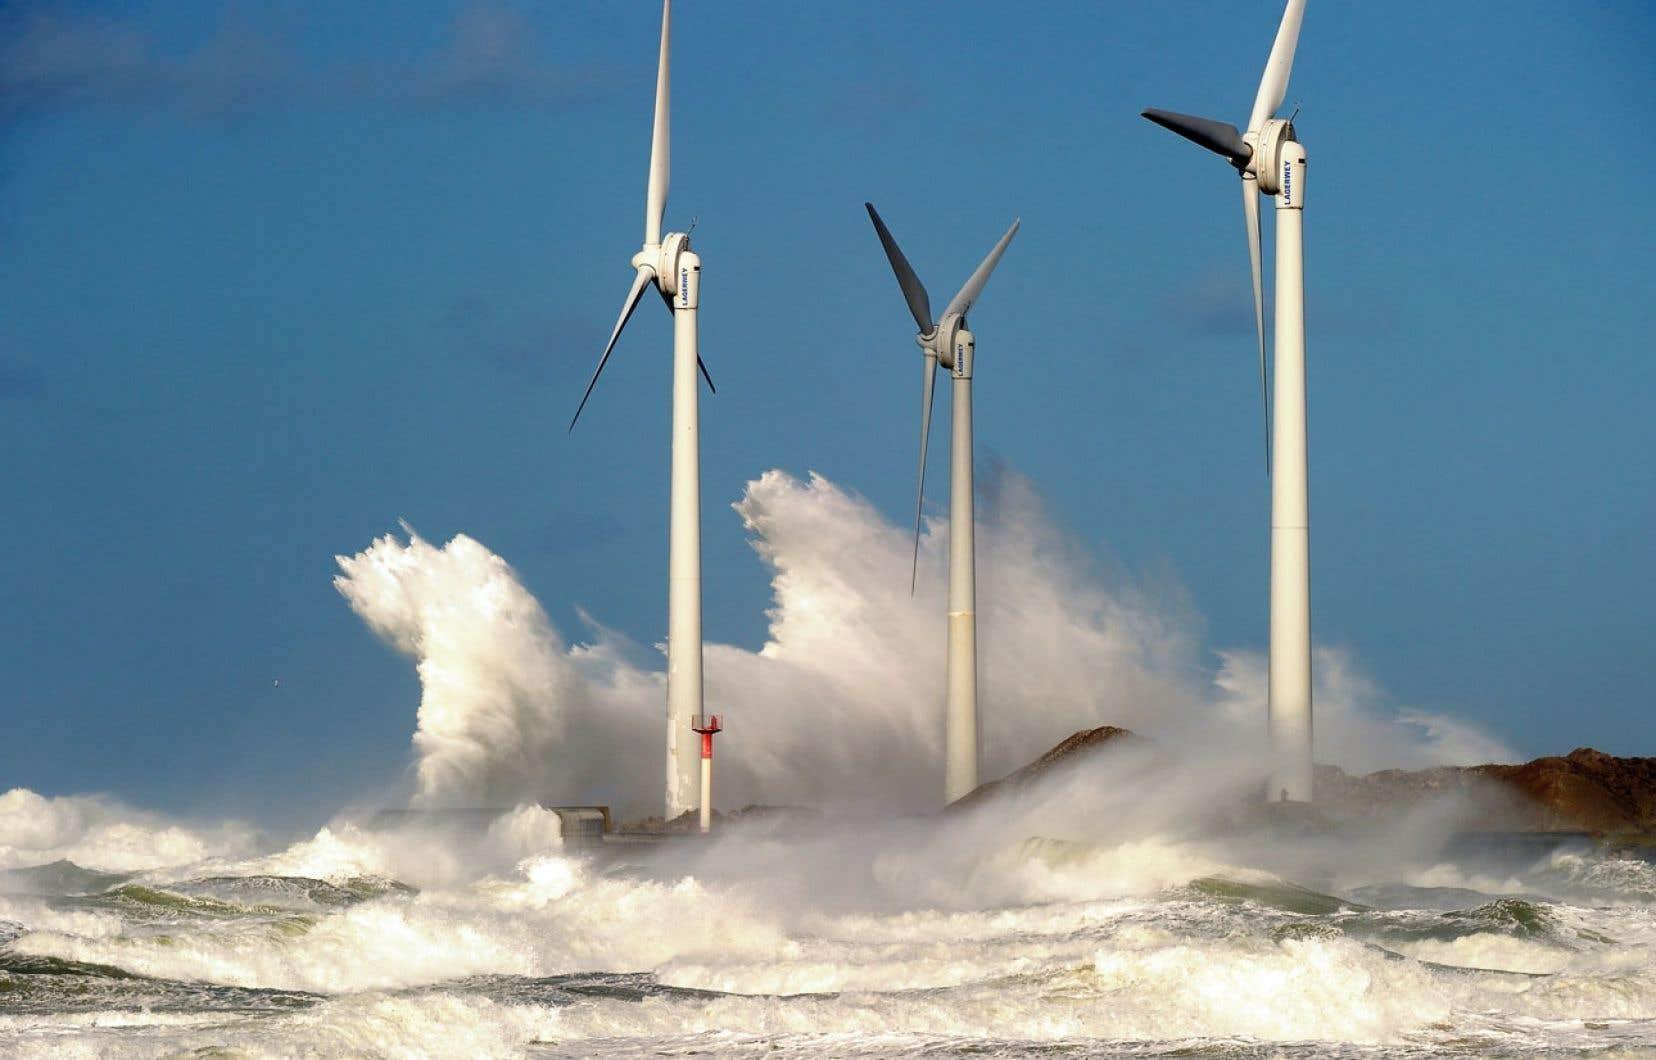 L'Europe devrait développer 557 gigawatts de capacités renouvelables supplémentaires d'ici à 2030, selon une étude réalisée par Bloomberg News Energy Finance.